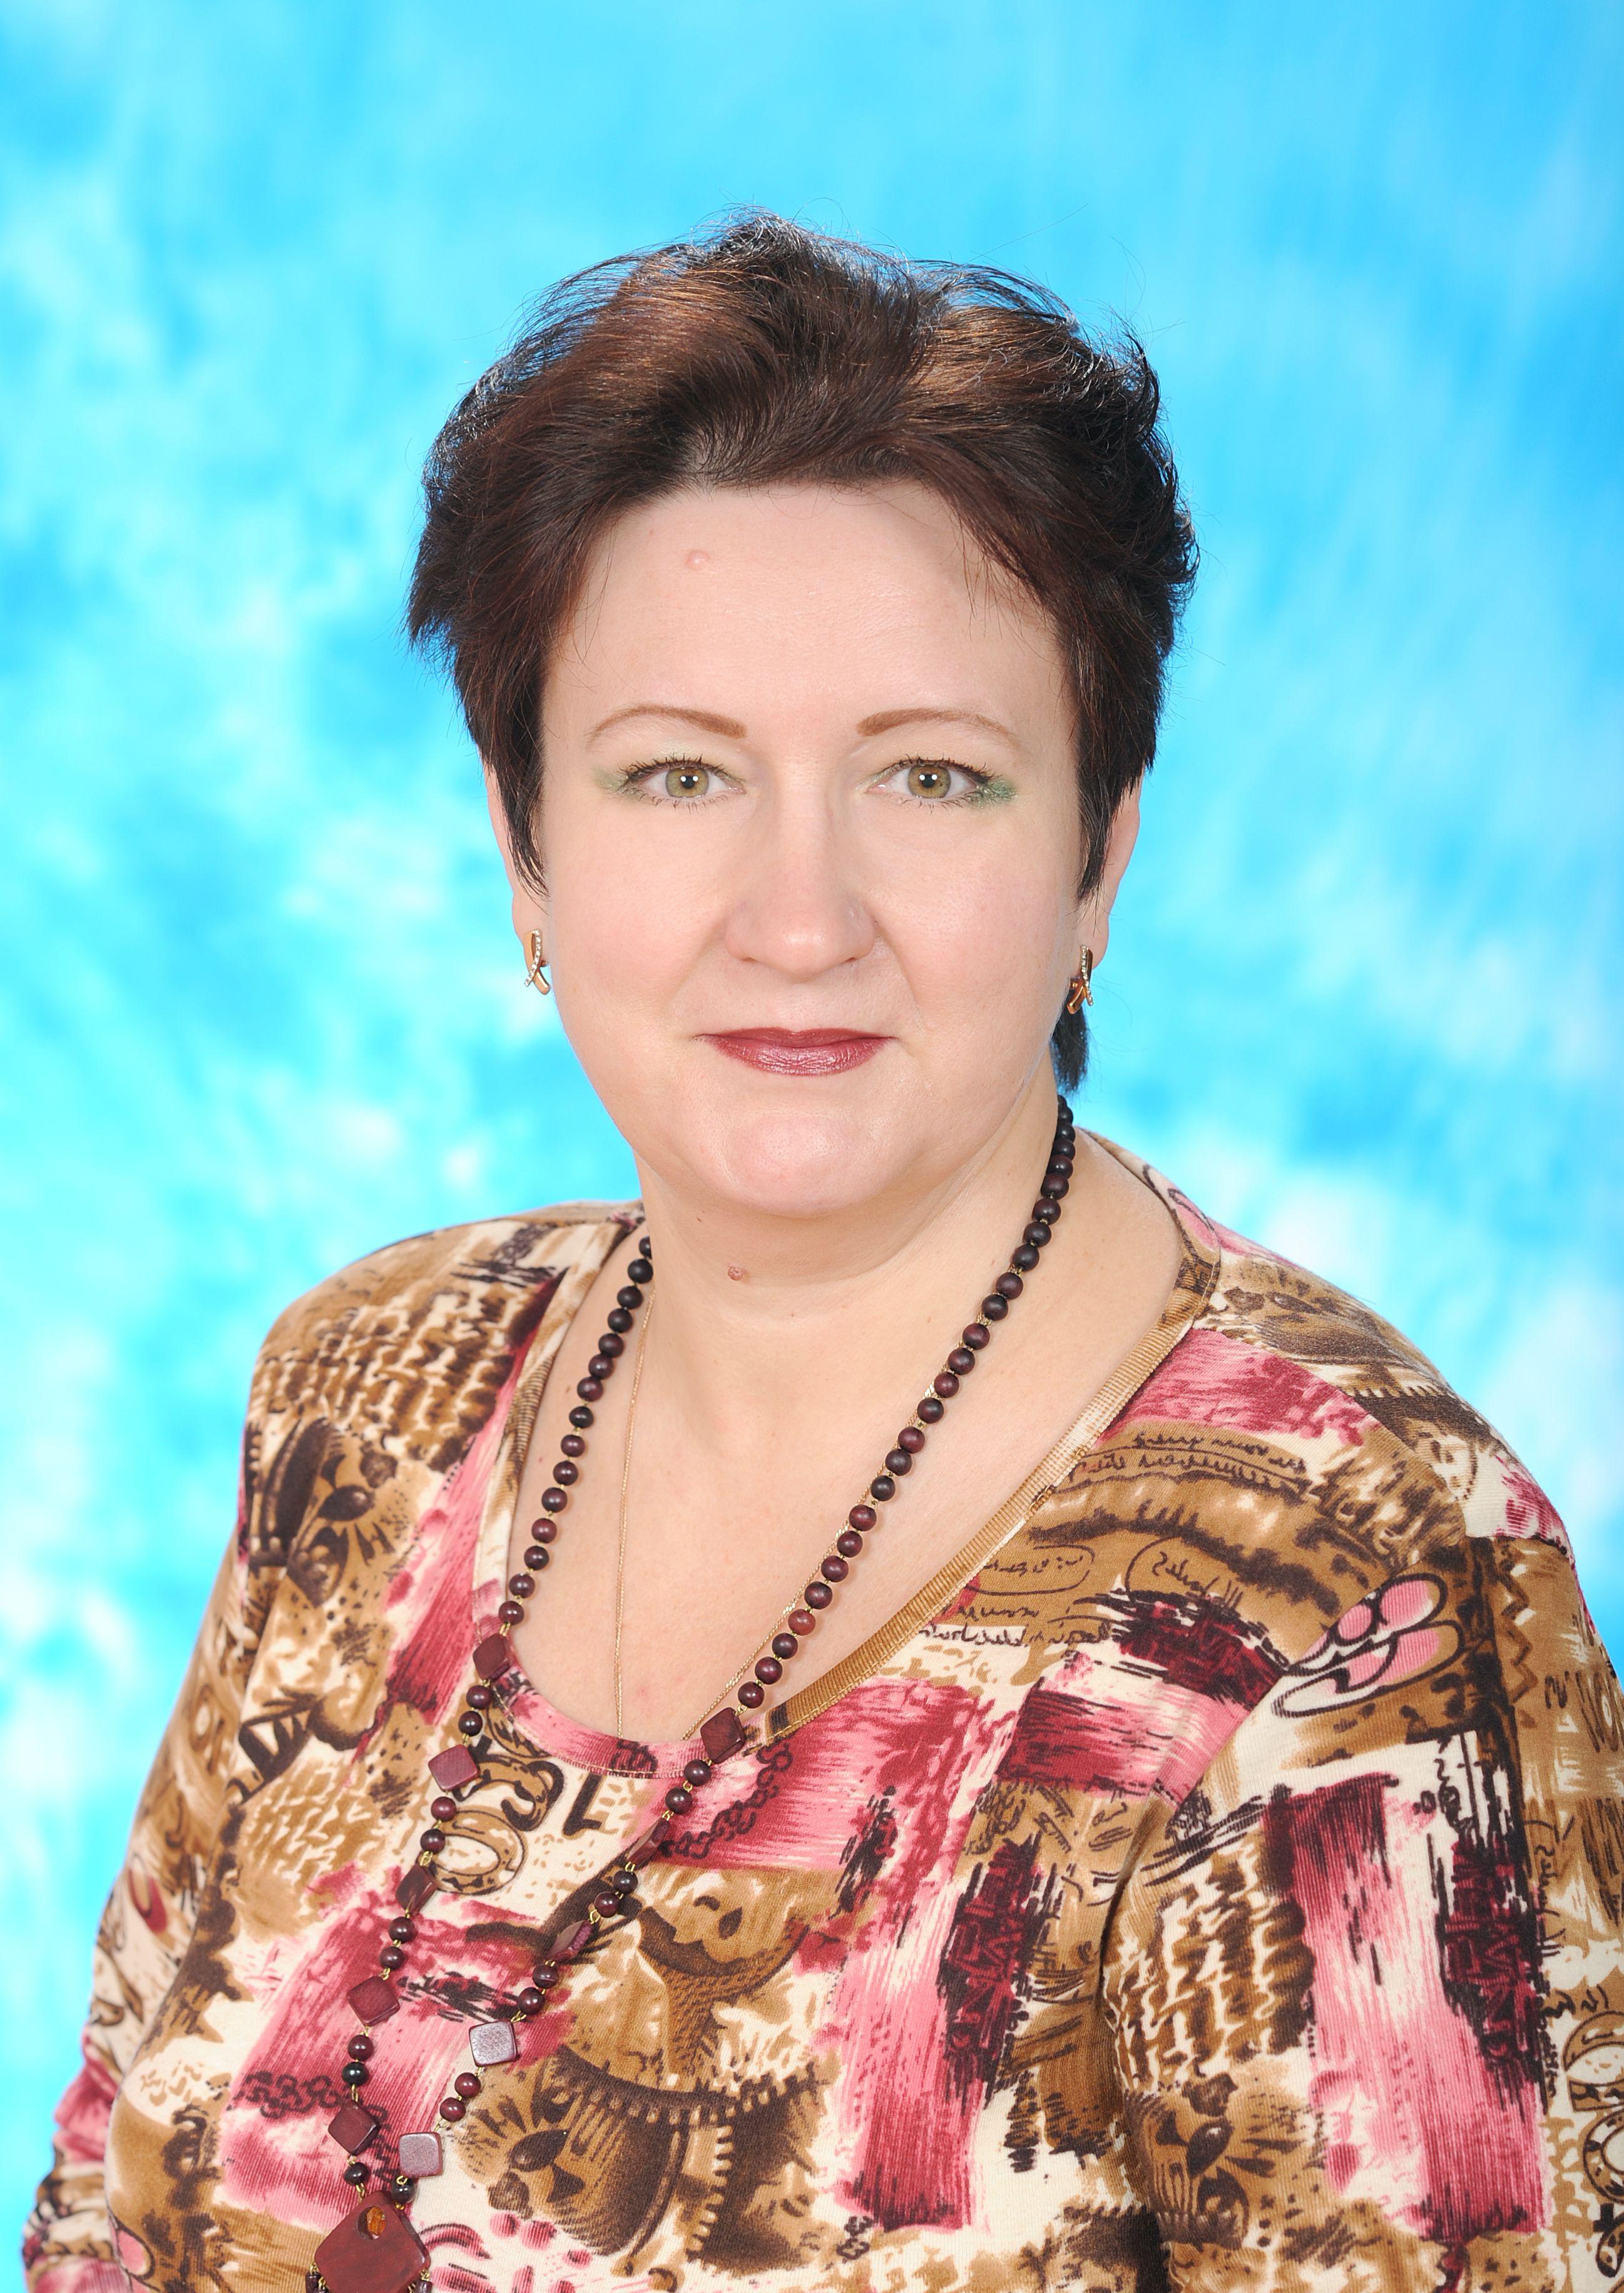 Захарьина Ольга Валерьевна